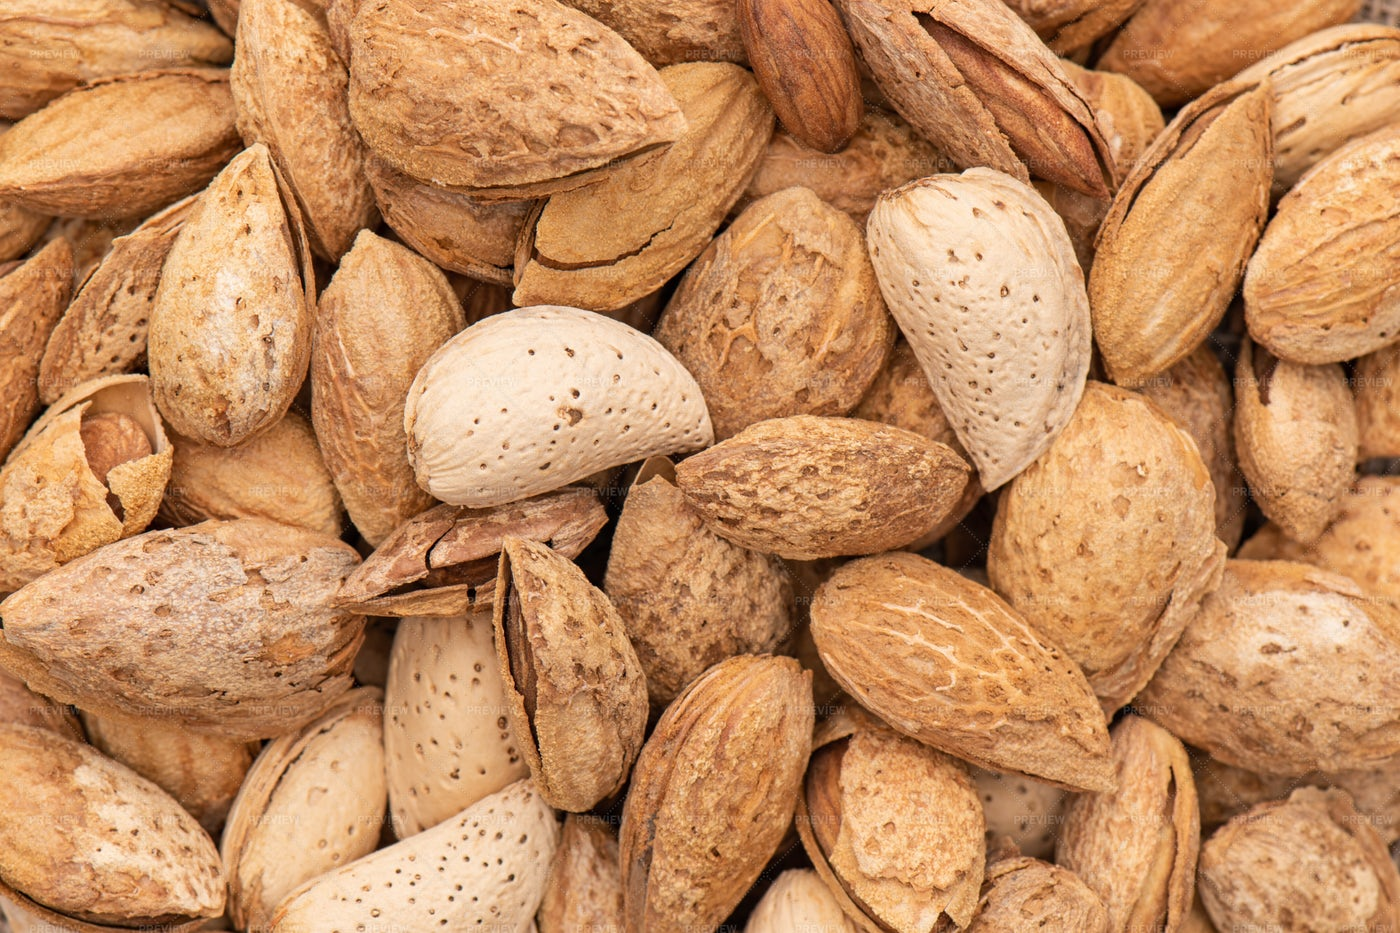 Unpeeled Almonds: Stock Photos